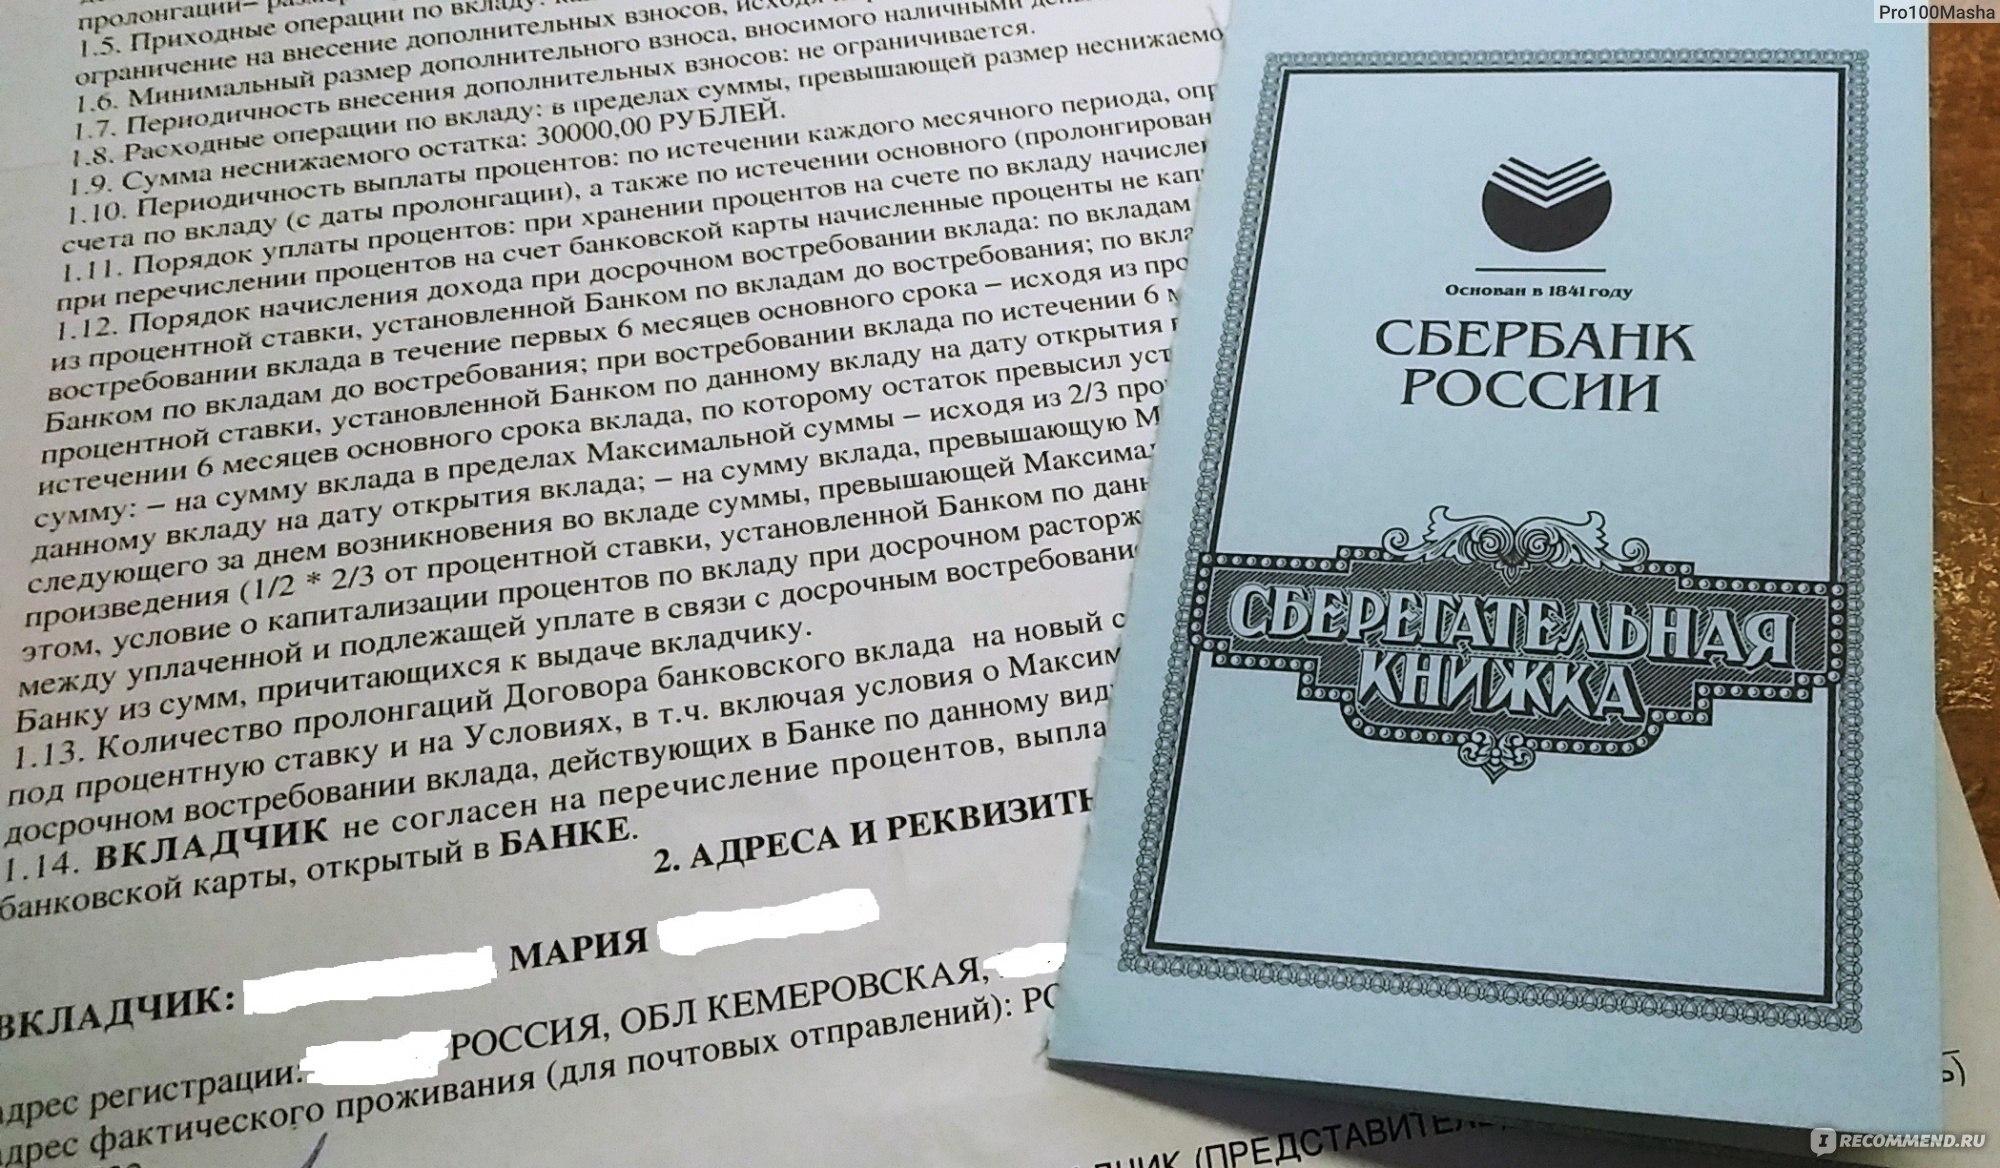 кредит наличными на карту сбербанка россии деньги под залог птс по доверенности